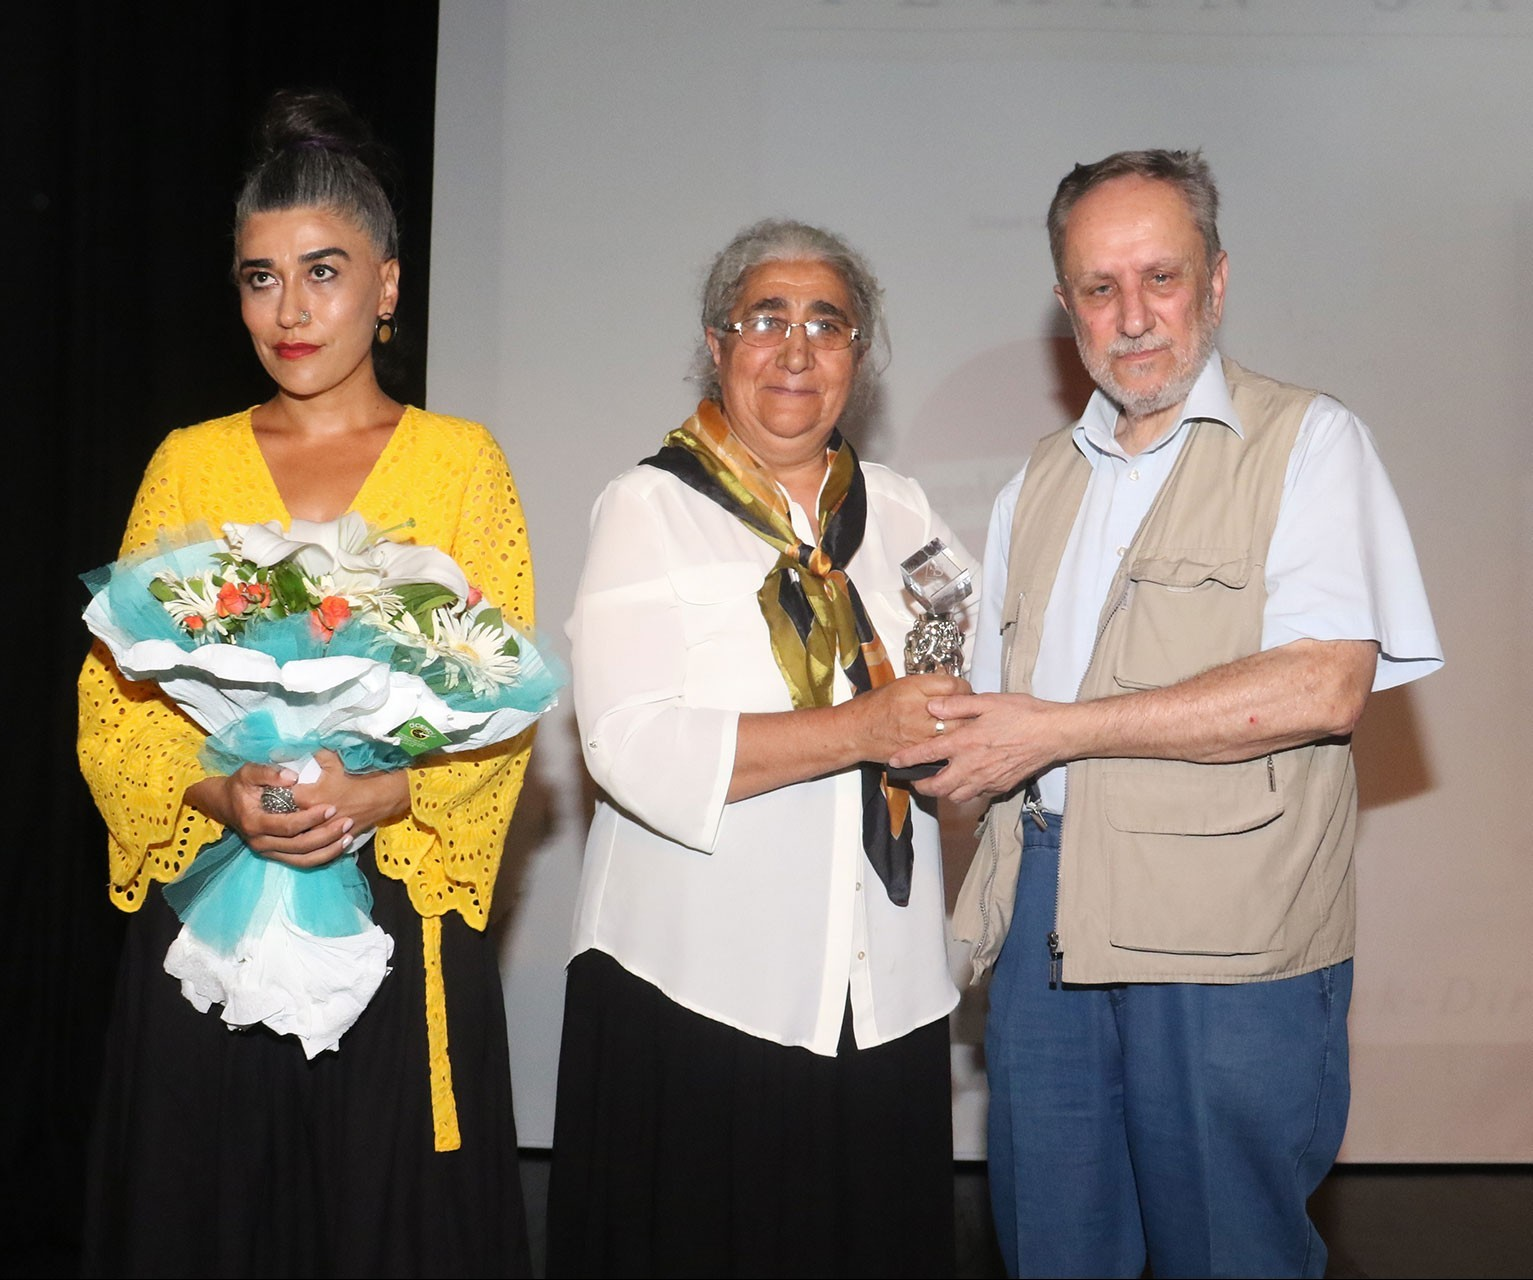 Sennur Sezer Ödüllerinde şiir dalında birinci olan İlhan Sami Çomak'ın kardeşi Suna Çomak ve annesi Zeytun Çomak aldı